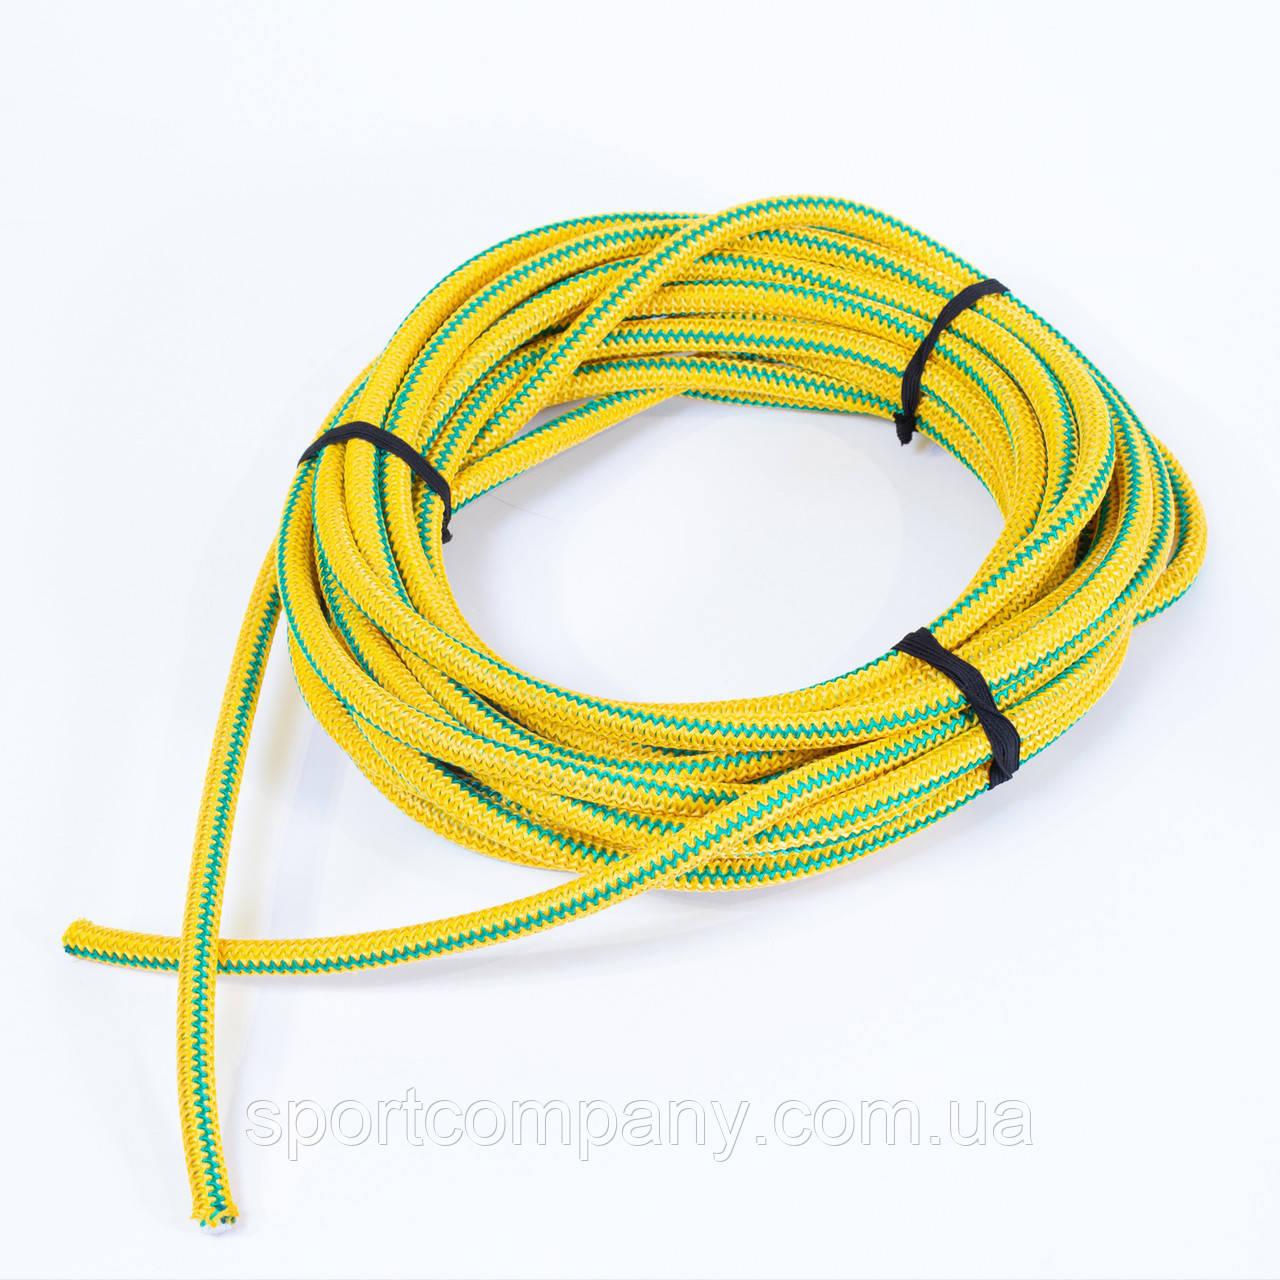 Жгут спортивный резиновый в тканевой оплетке ( резина, d-12 мм, I-500 см, желтый ) rez.yelow12